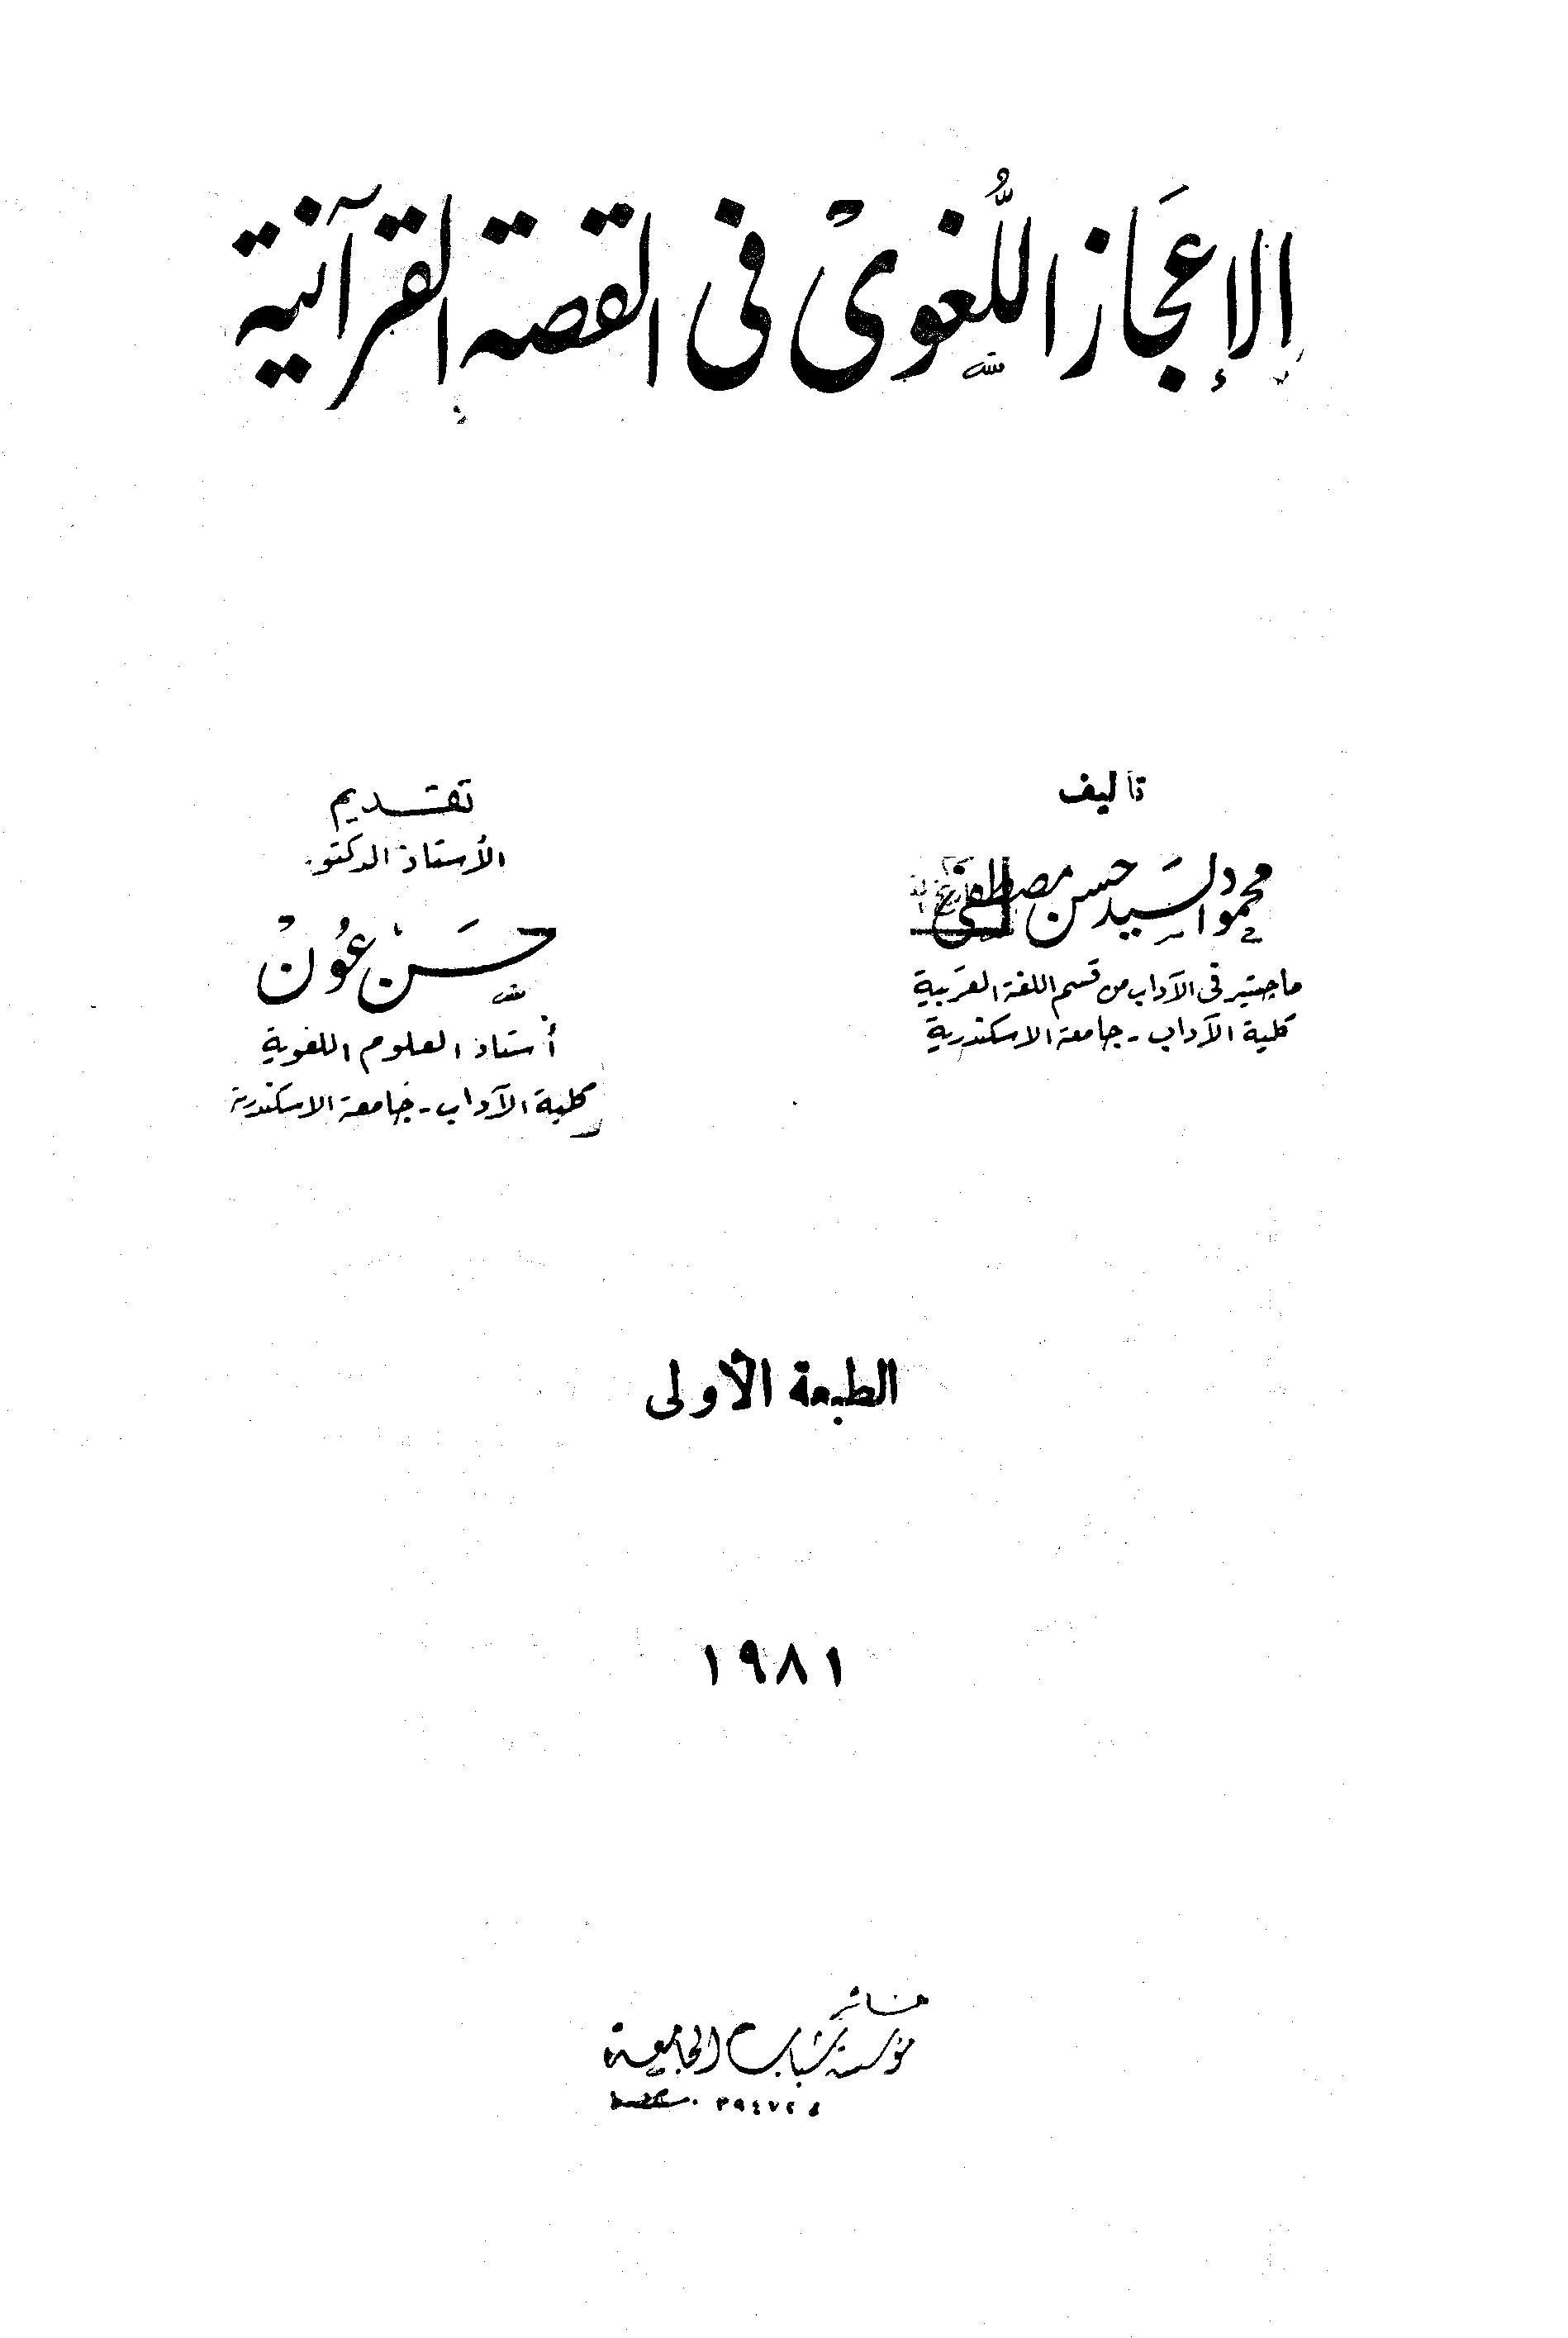 تحميل كتاب الإعجاز اللغوي في القصة القرآنية لـِ: محمود السيد حسن مصطفى